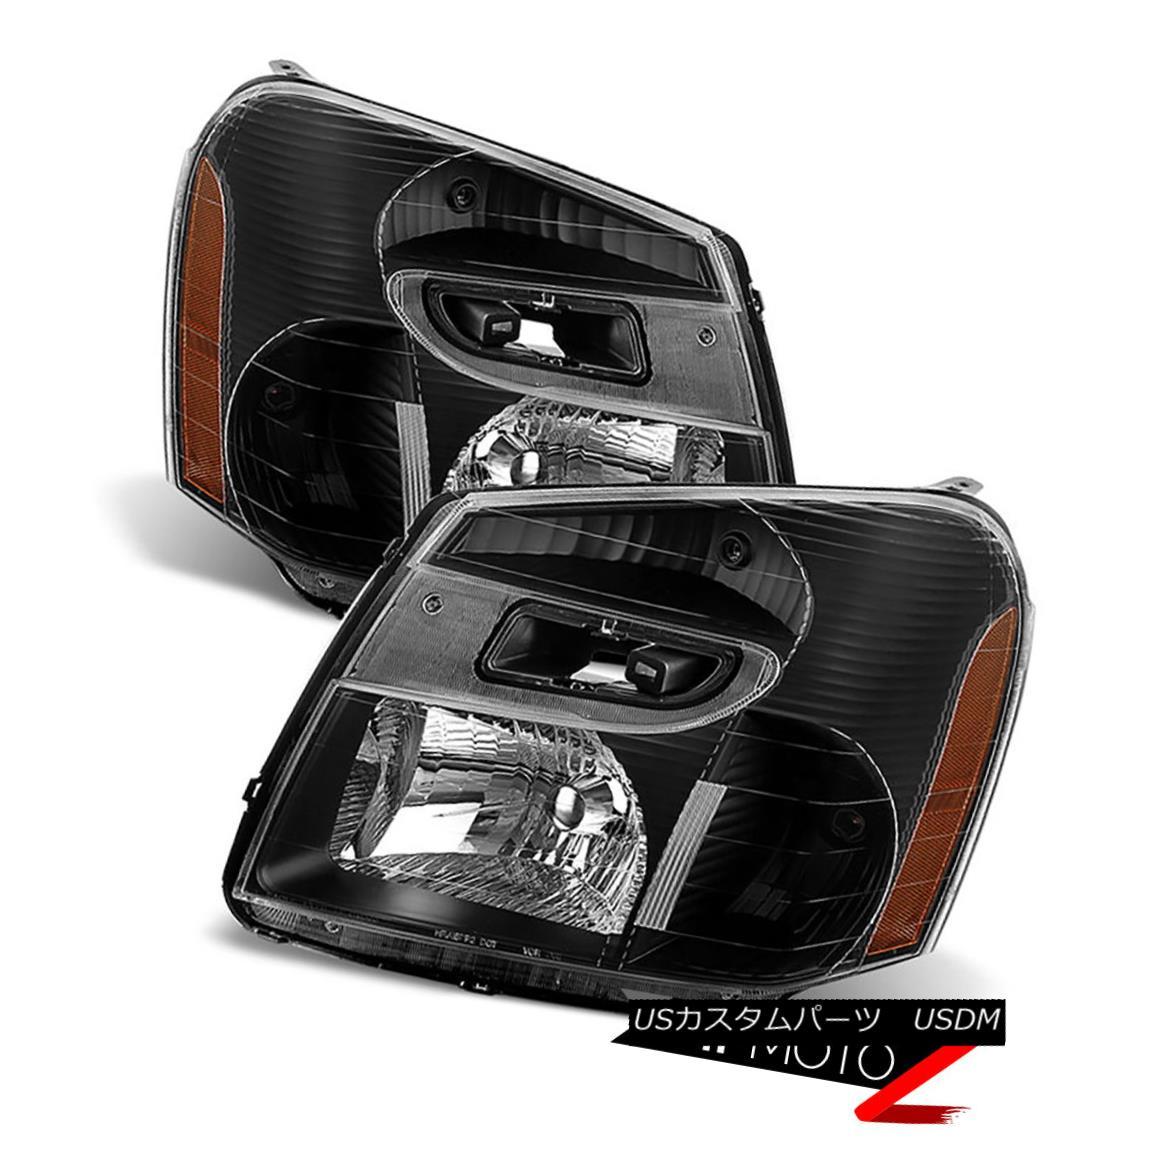 ライト・ランプ, ヘッドライト  2005-2009 Chevrolet Equinox LT LTZ LS Black Front Headlights Headlamp LEFT RIGHT 2005-2009LT LTZ LSLEFT RIGHT